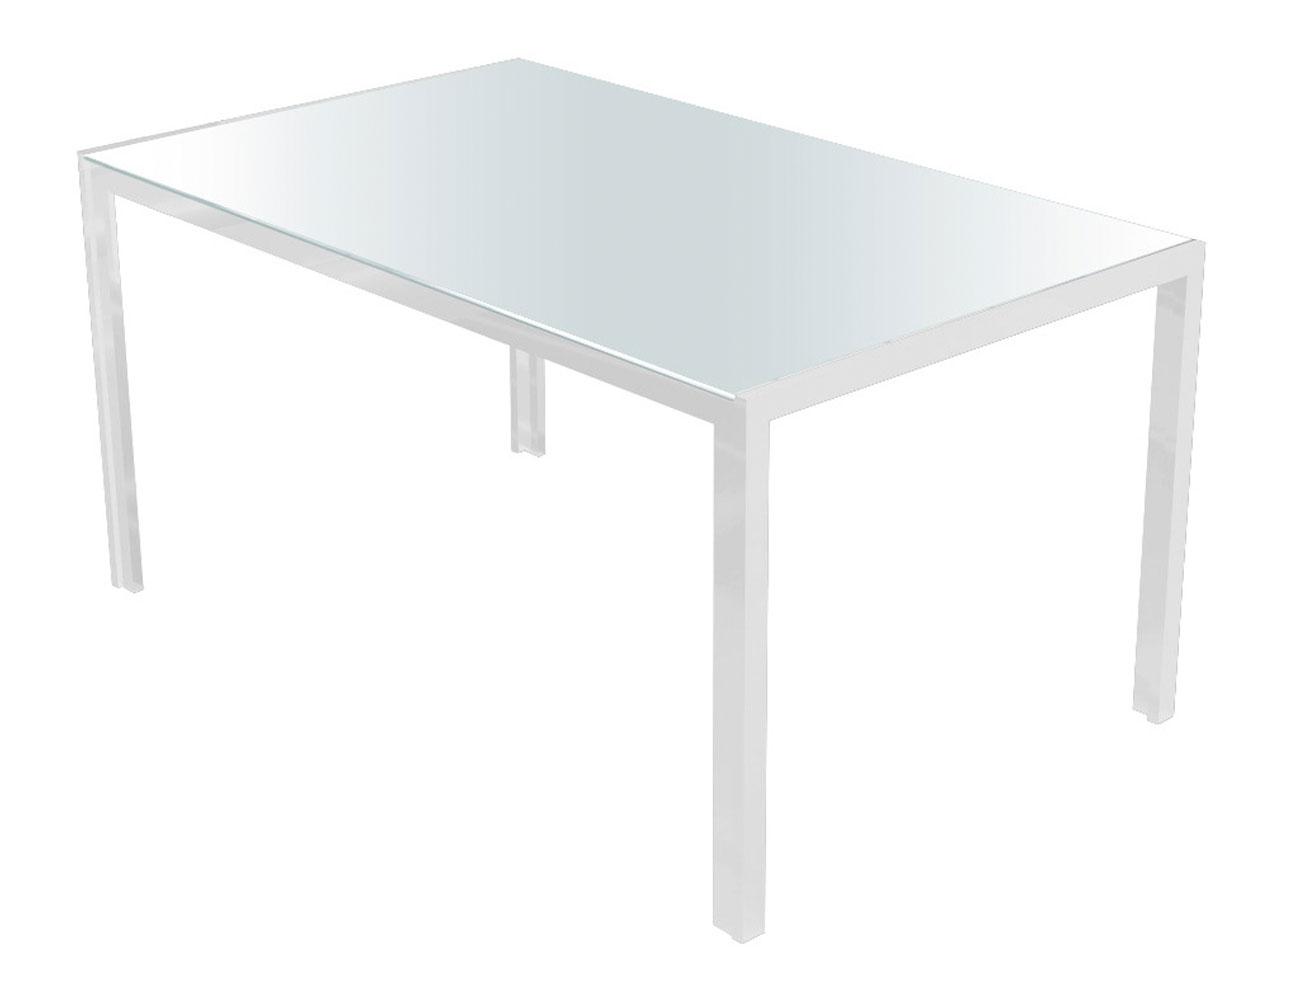 Mesa comedor cristal templado 281 blanca blanca